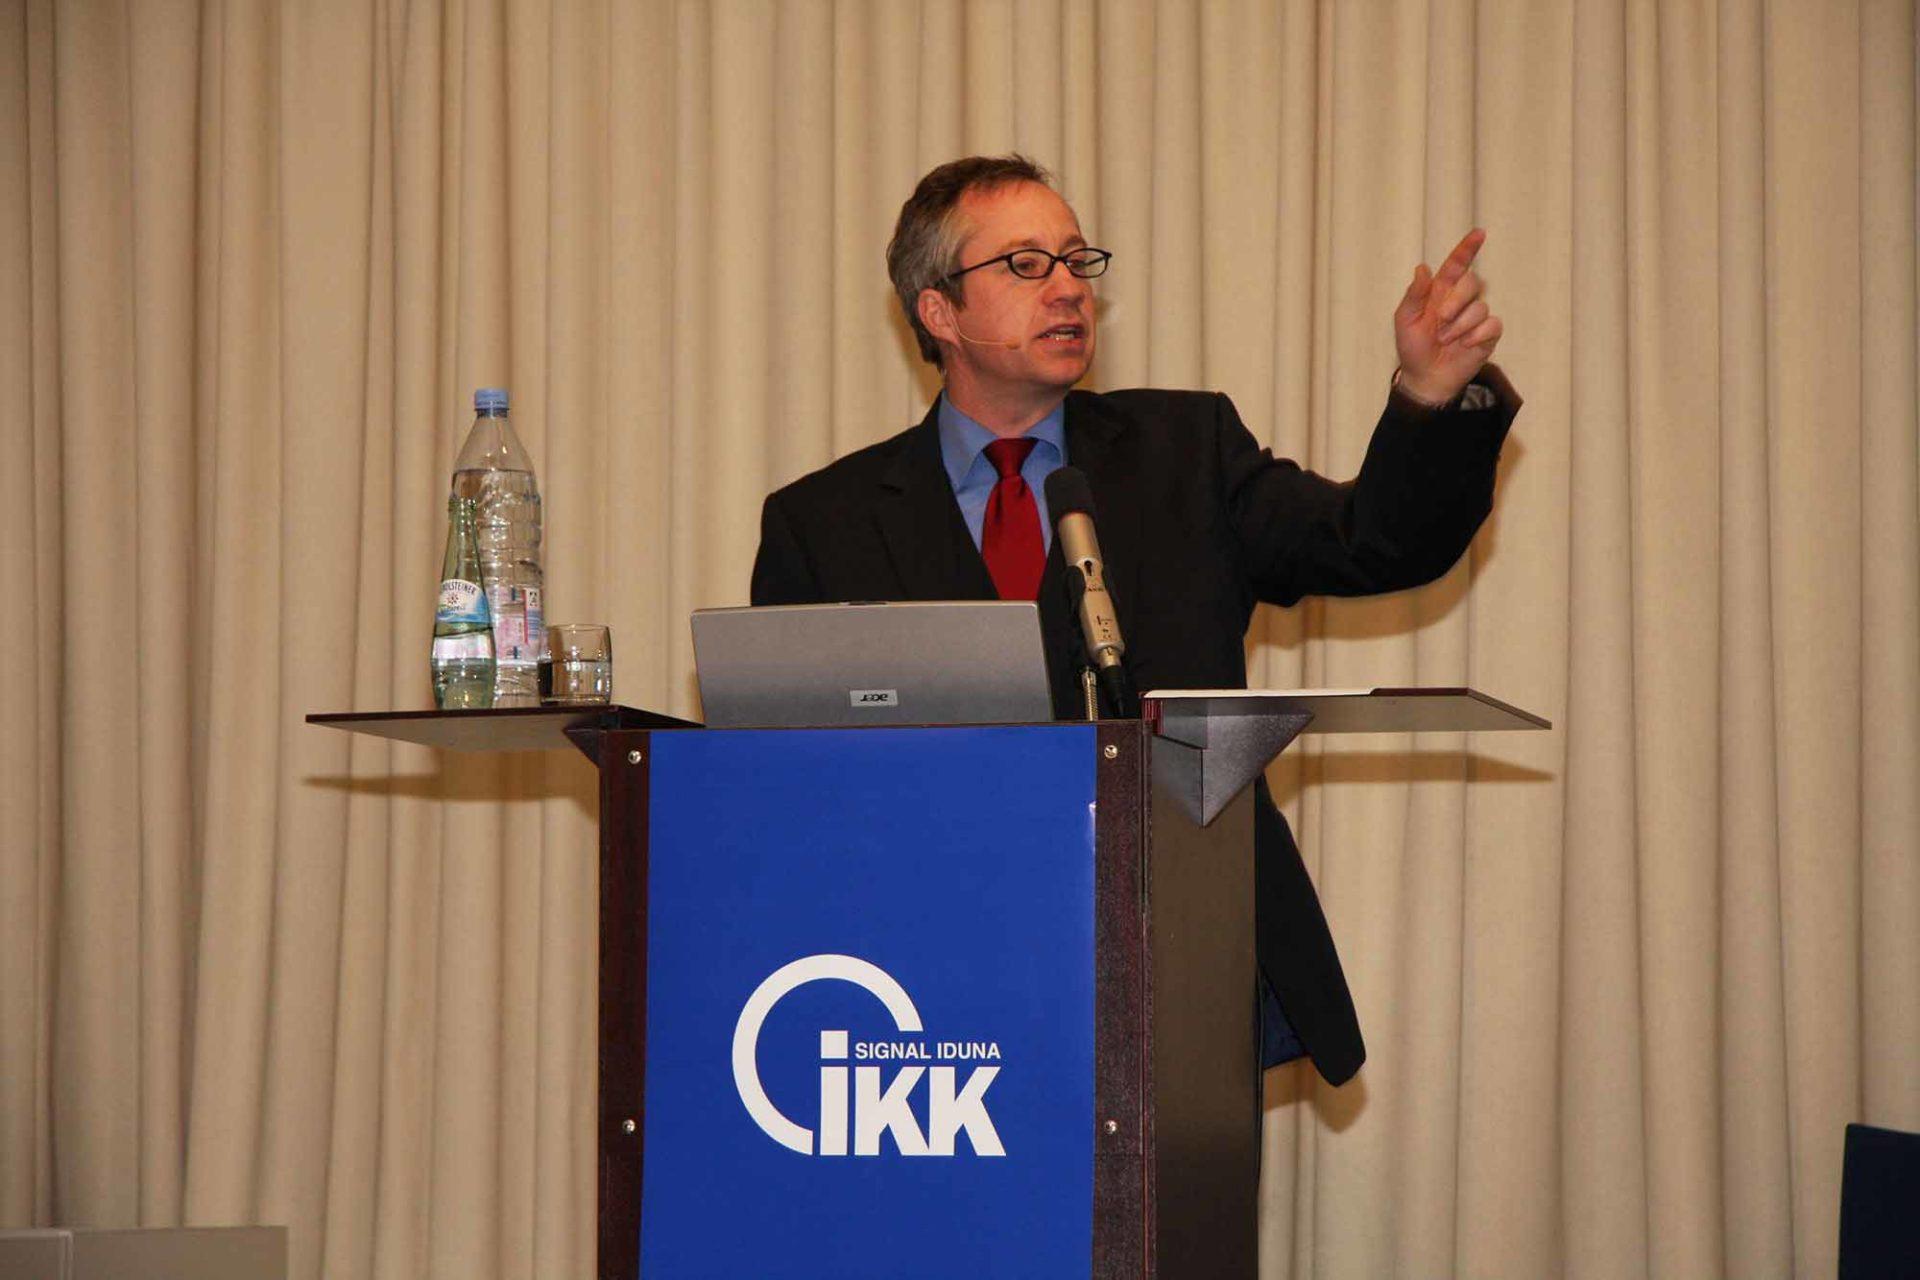 Dr. Wegmann weiß: Humor ist der Kitt, der ein Team zusammenschweißt und Kunden an das Unternehmen bindet. - copyright: privat